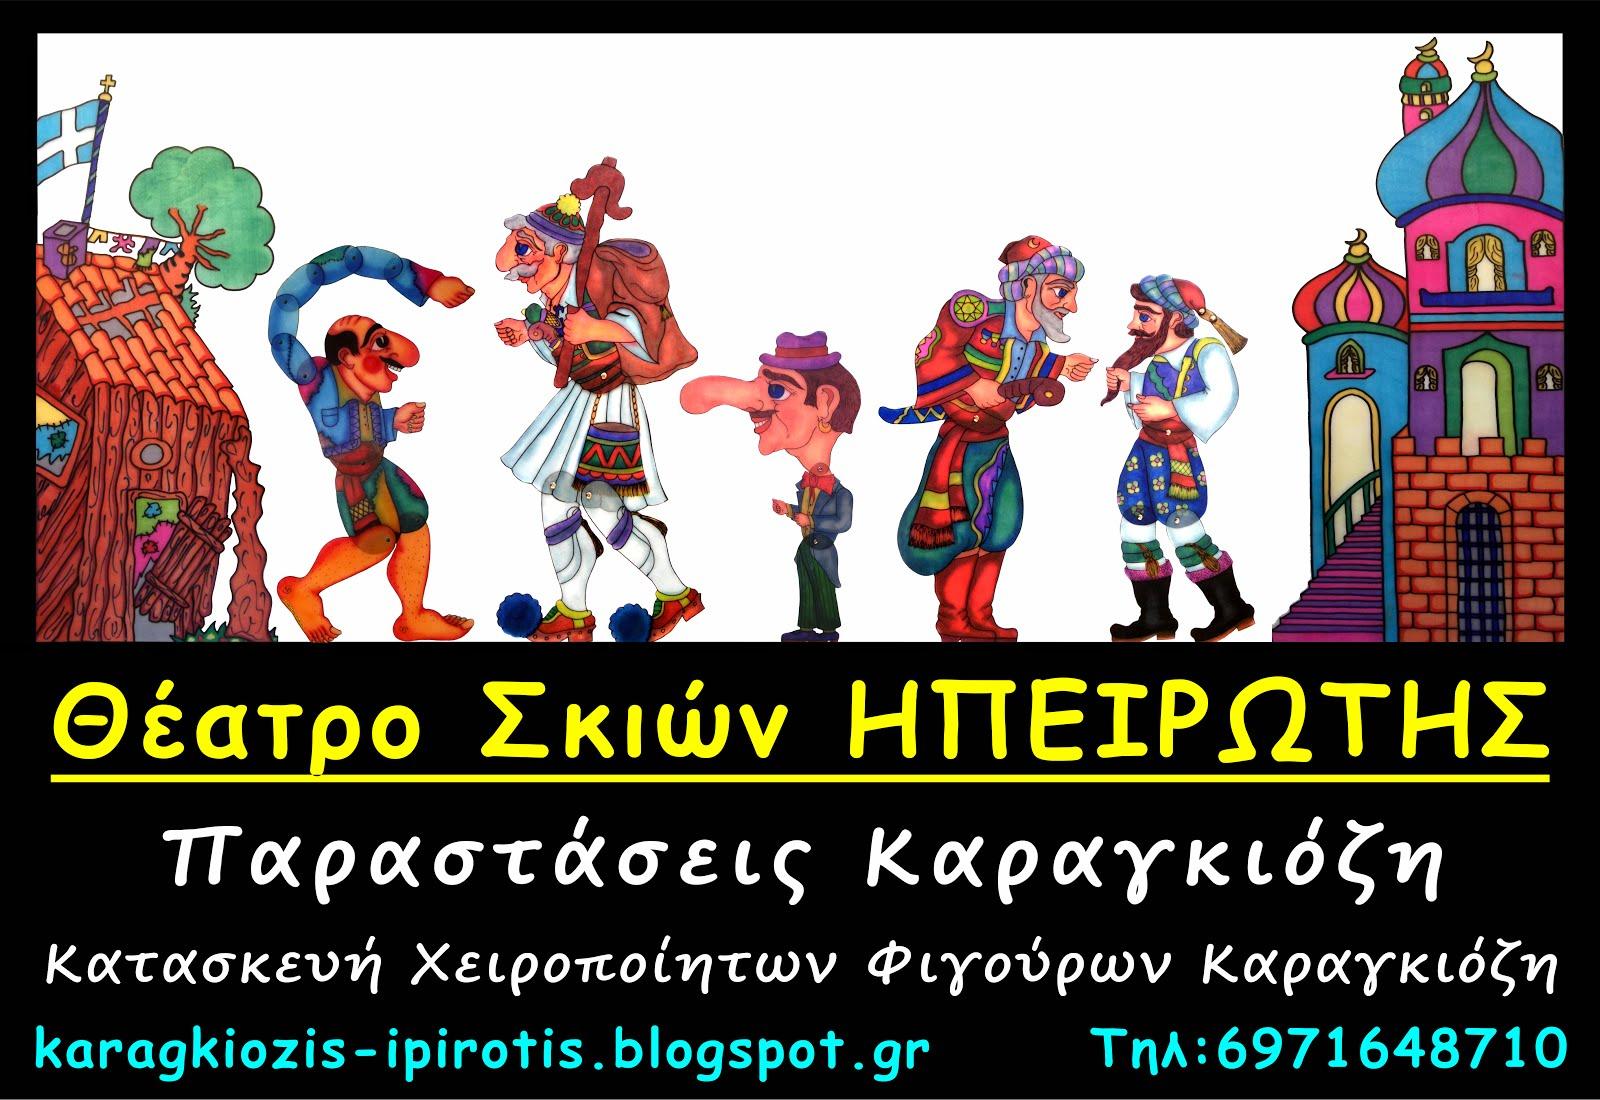 ΦΙΓΟΥΡΕΣ ΚΑΡΑΓΚΙΟΖΗ Θέατρο Σκιών Ηπειρώτης